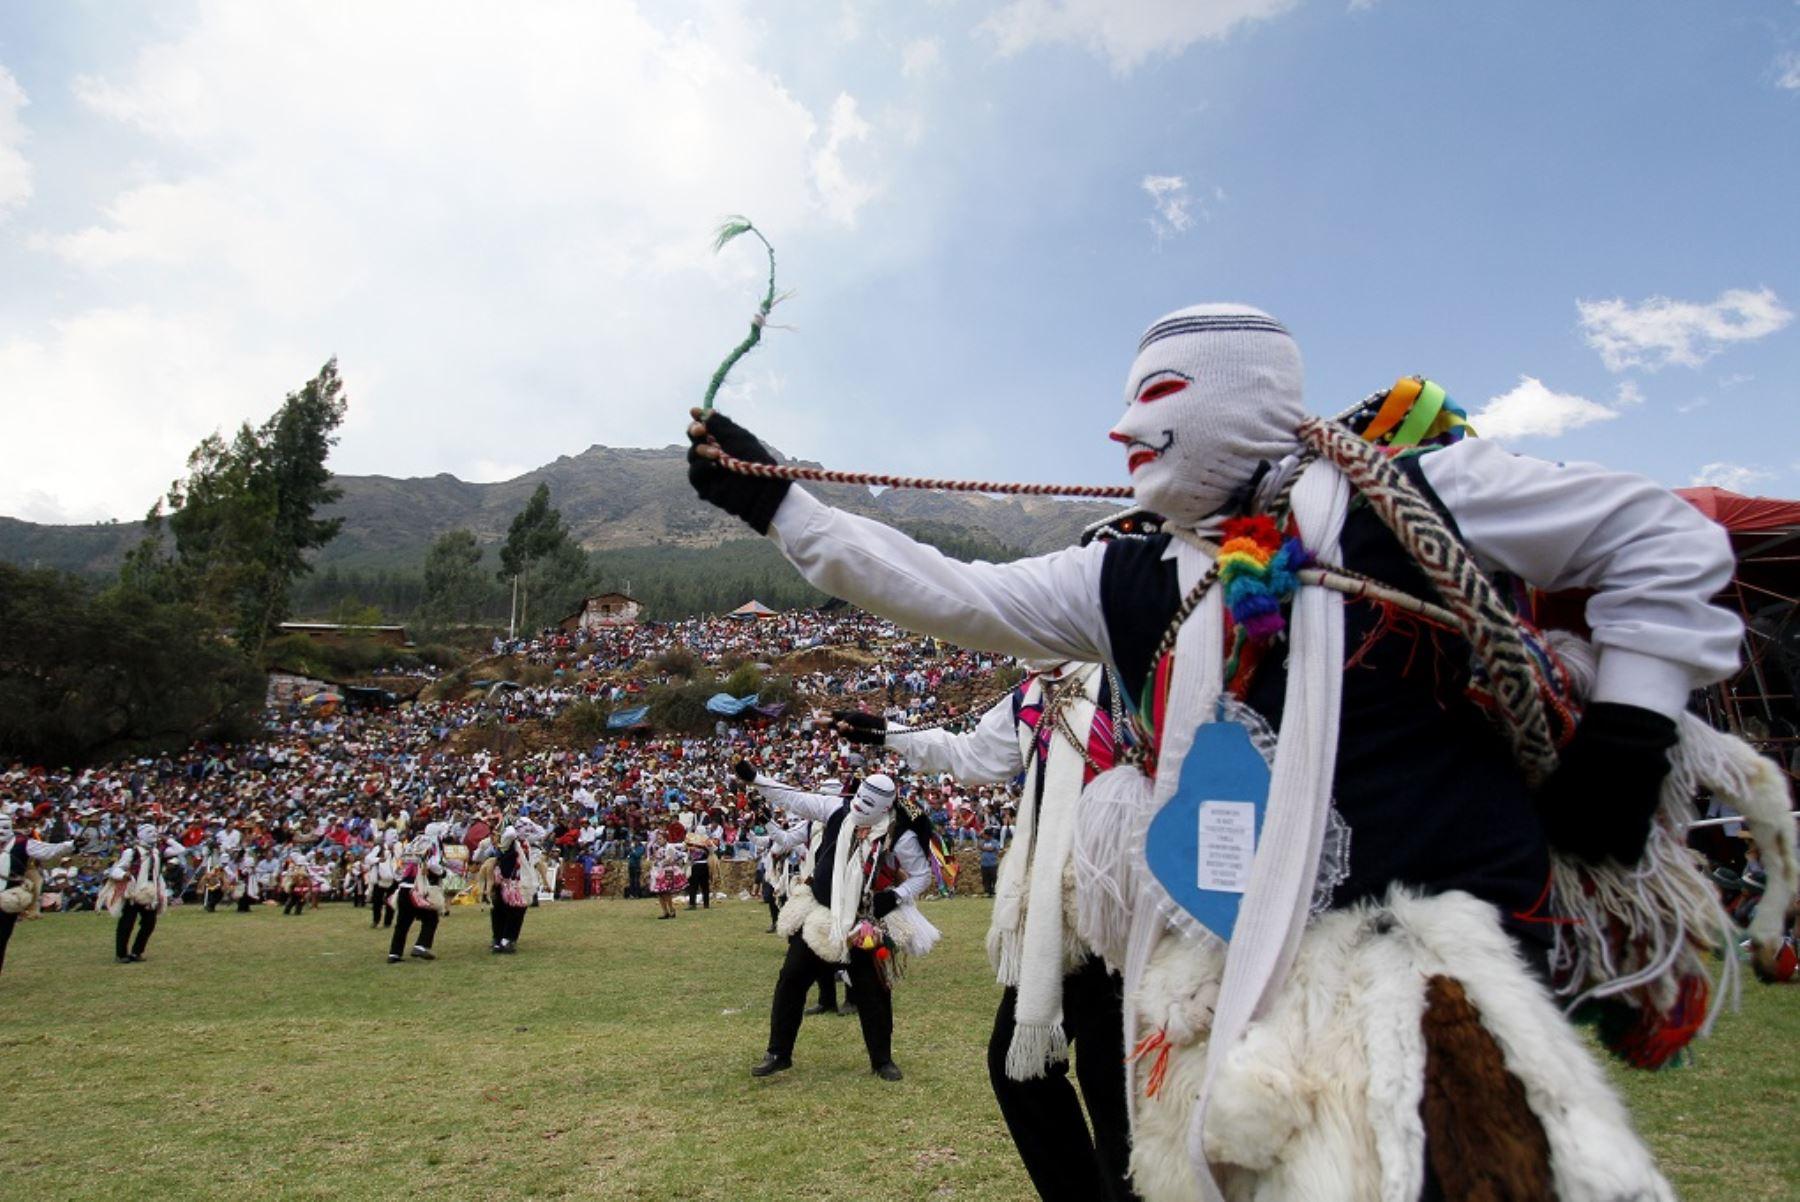 En Huallhua, centro poblado de San Salvador Calca, las celebraciones son en medio de gran algarabía, el lugar ubicado al frente del santuario del Señor de Huanca.  Foto: ANDINA/Percy Hurtado Santillán